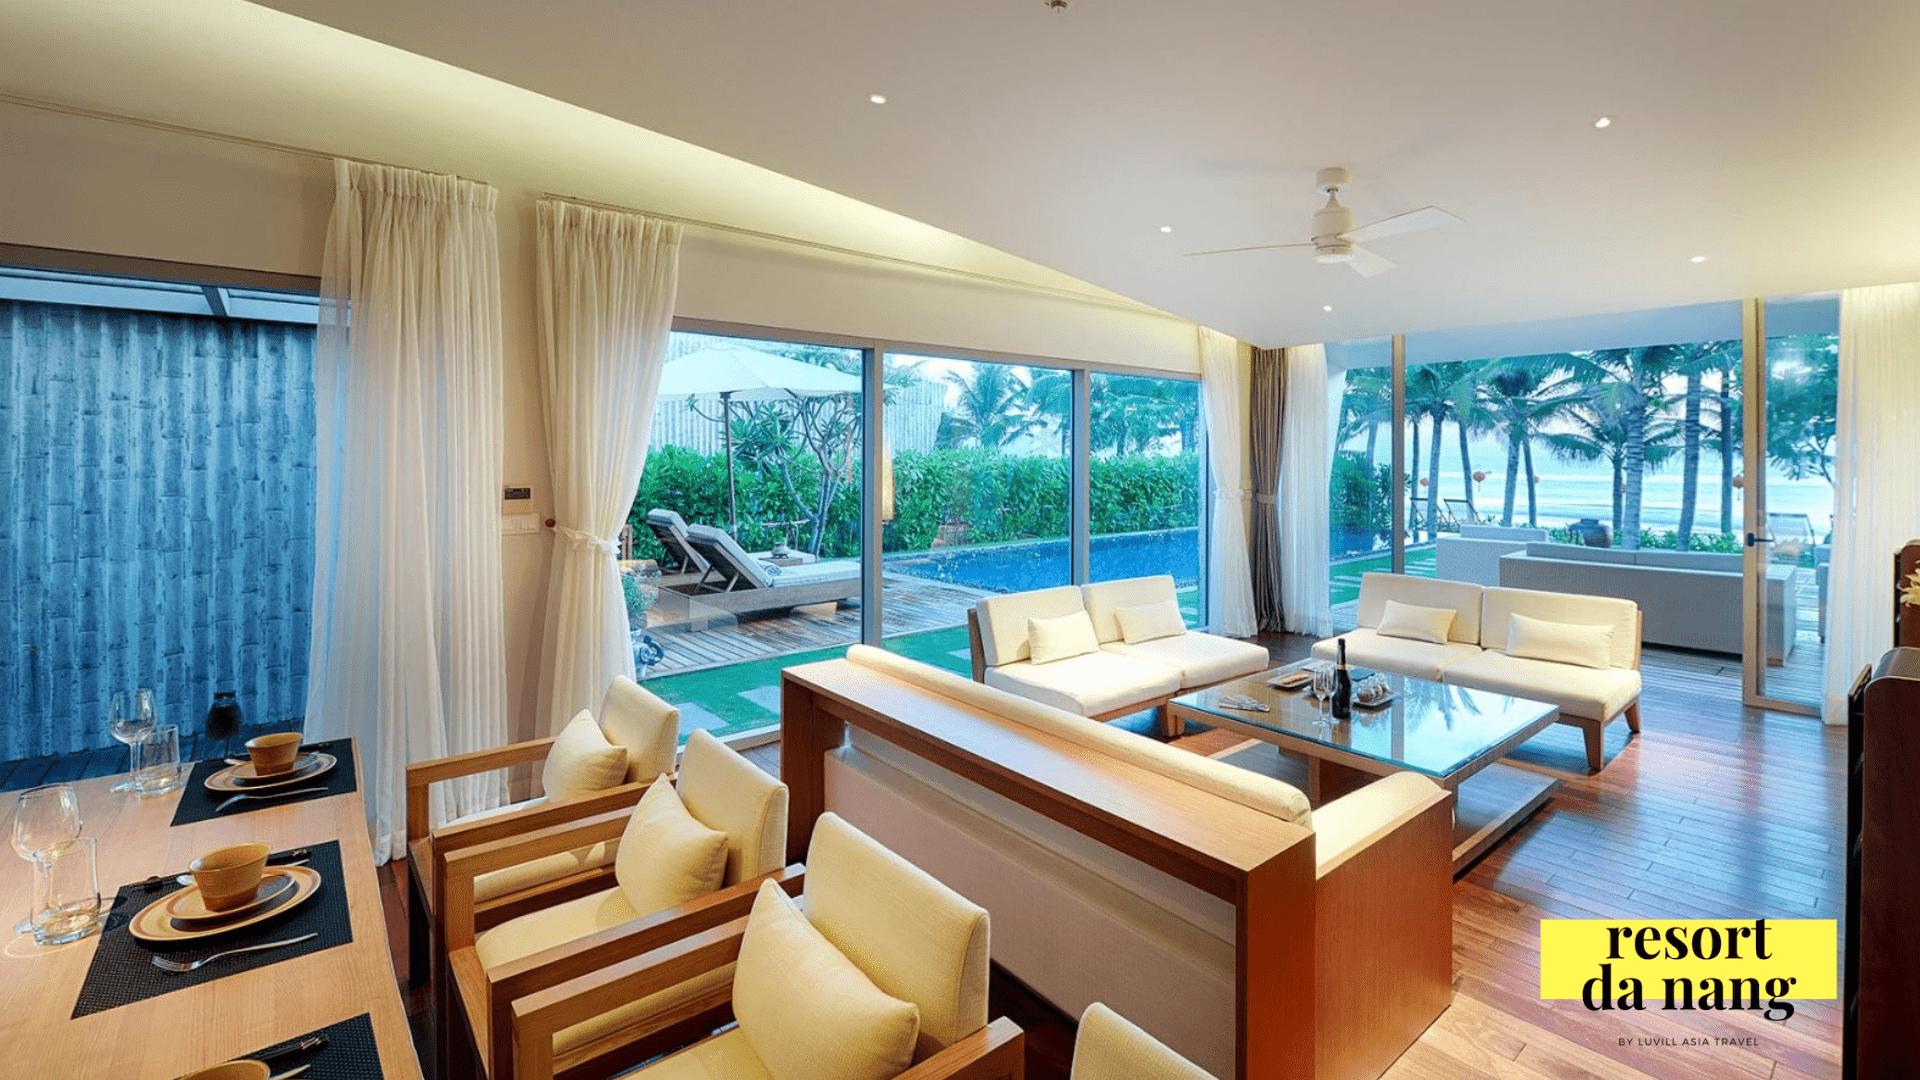 Trải nghiệm kỳ nghỉ lý tưởng tại Naman Resort Đà Nẵng